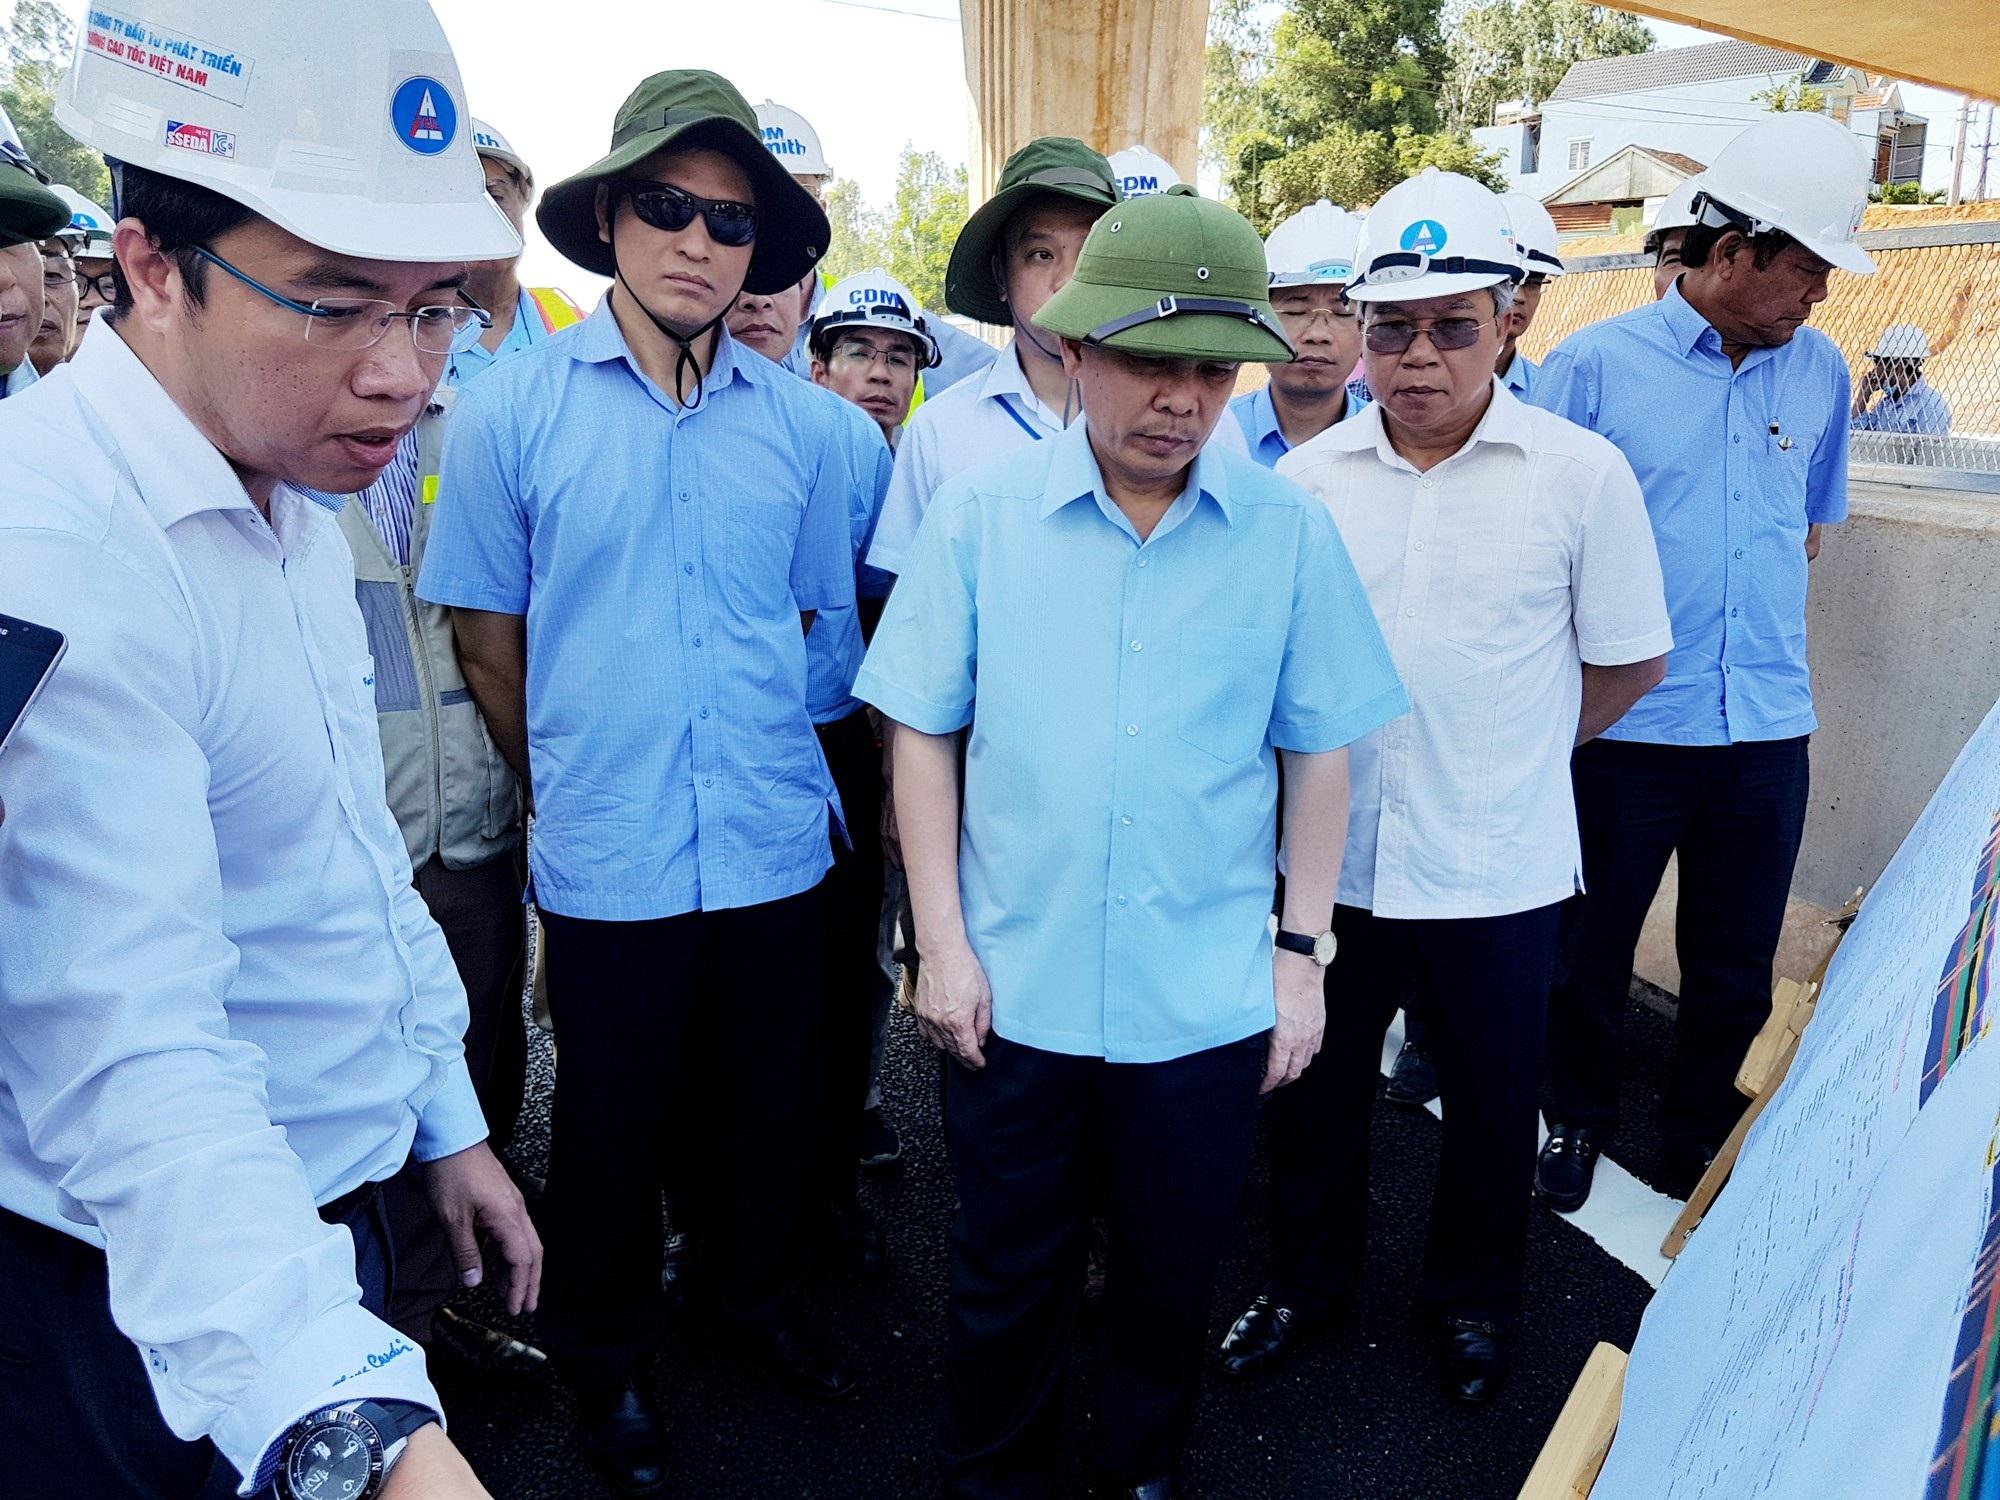 Bộ trưởng Nguyễn Văn Thể nghe báo cáo thi công cao tốc đoạn qua tỉnh Quảng Nam